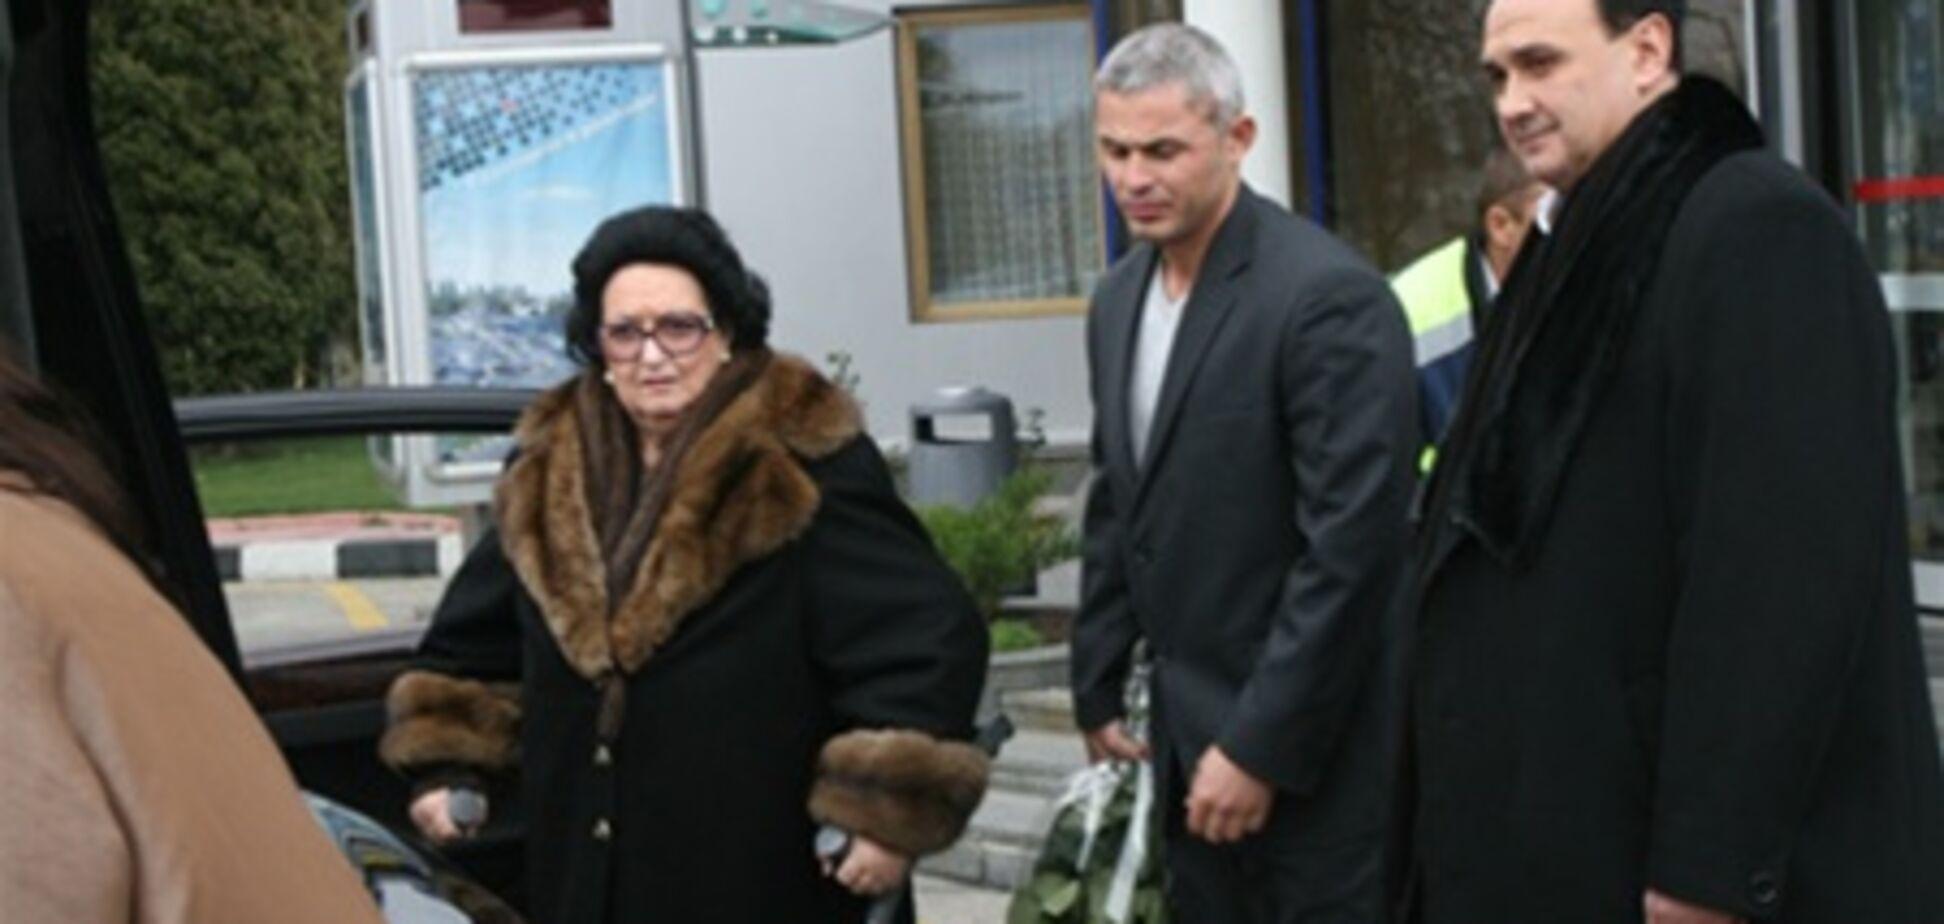 Кабалье приземлилась в Борисполе. Добавлено видео